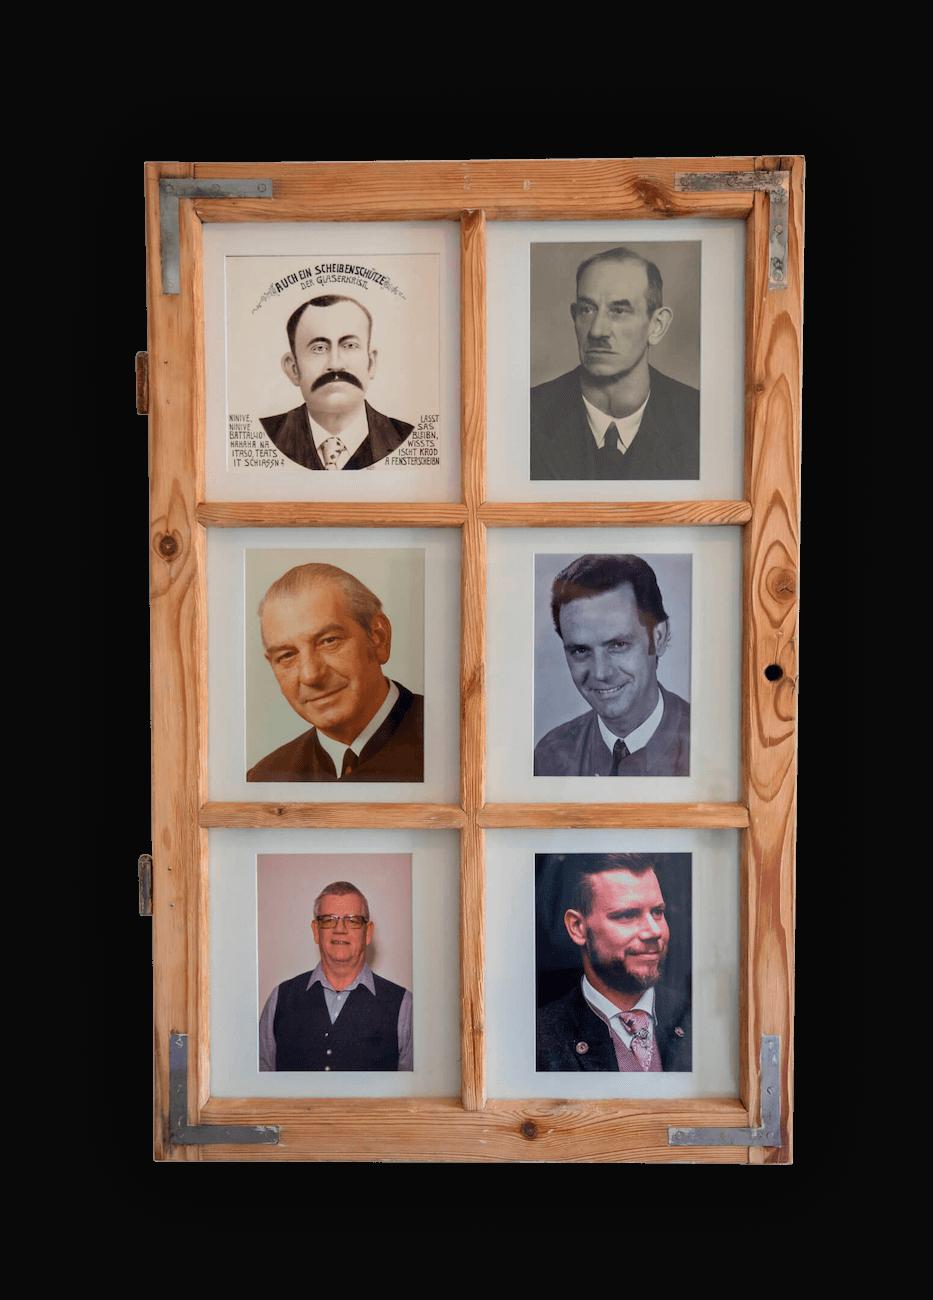 Historie der Glaserei Nairz in Garmisch-Partenkirchen